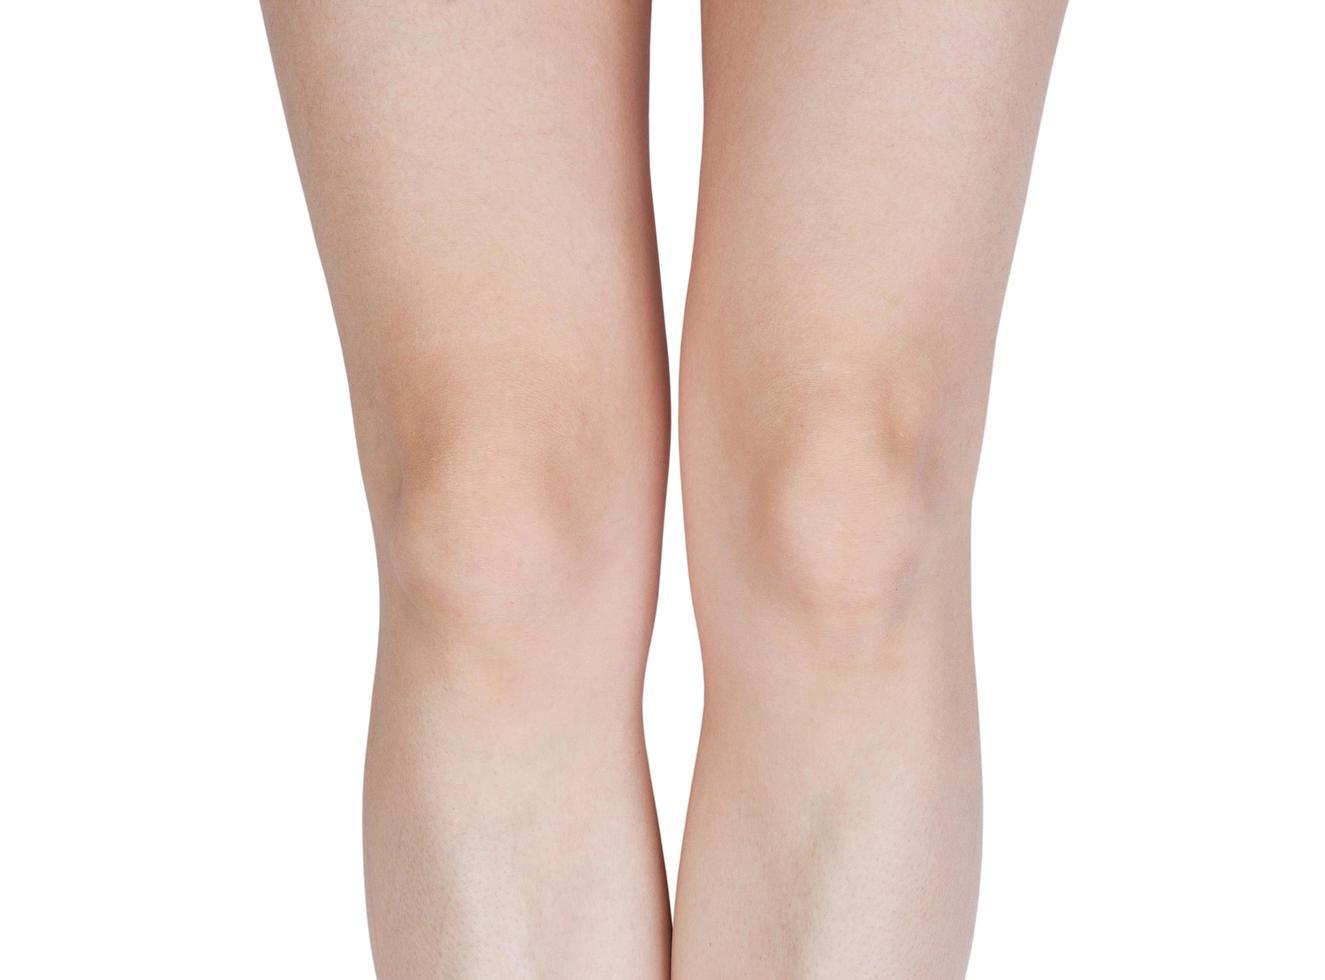 dettaglio delle gambe con le ginocchia foto